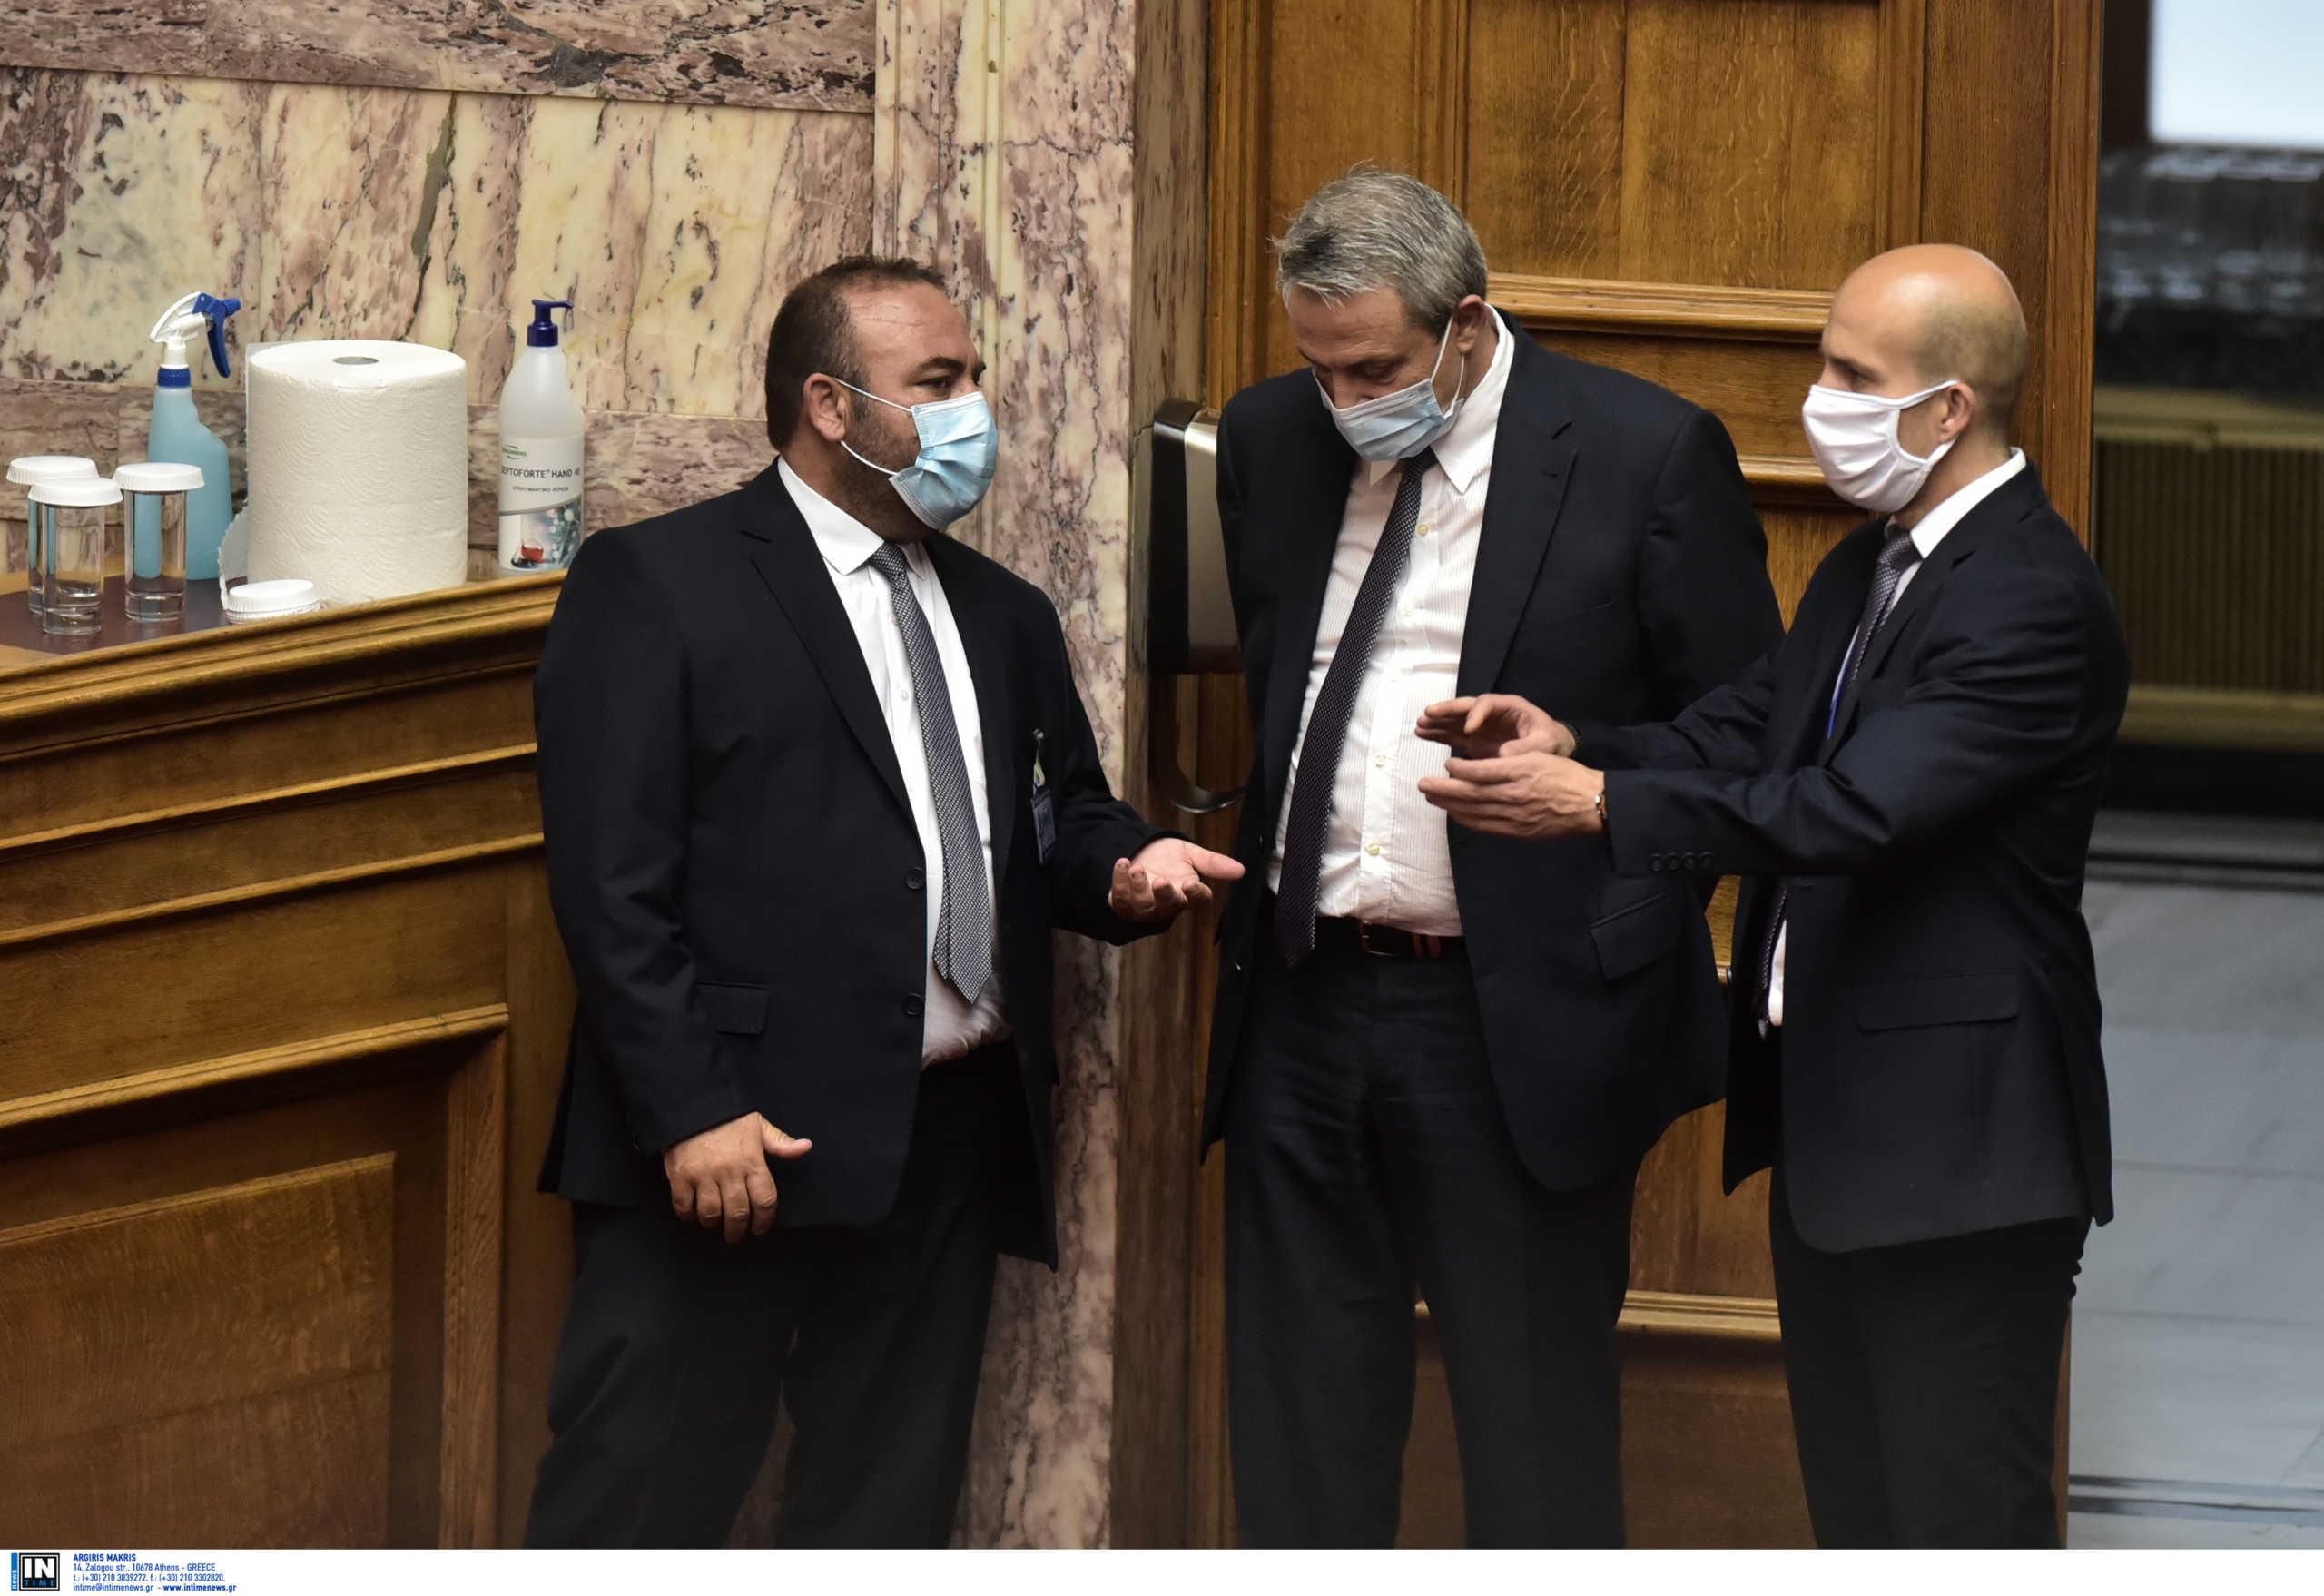 Μάσκα και στην Βουλή! Η απόφαση του Προέδρου για το πότε θα είναι υποχρεωτική